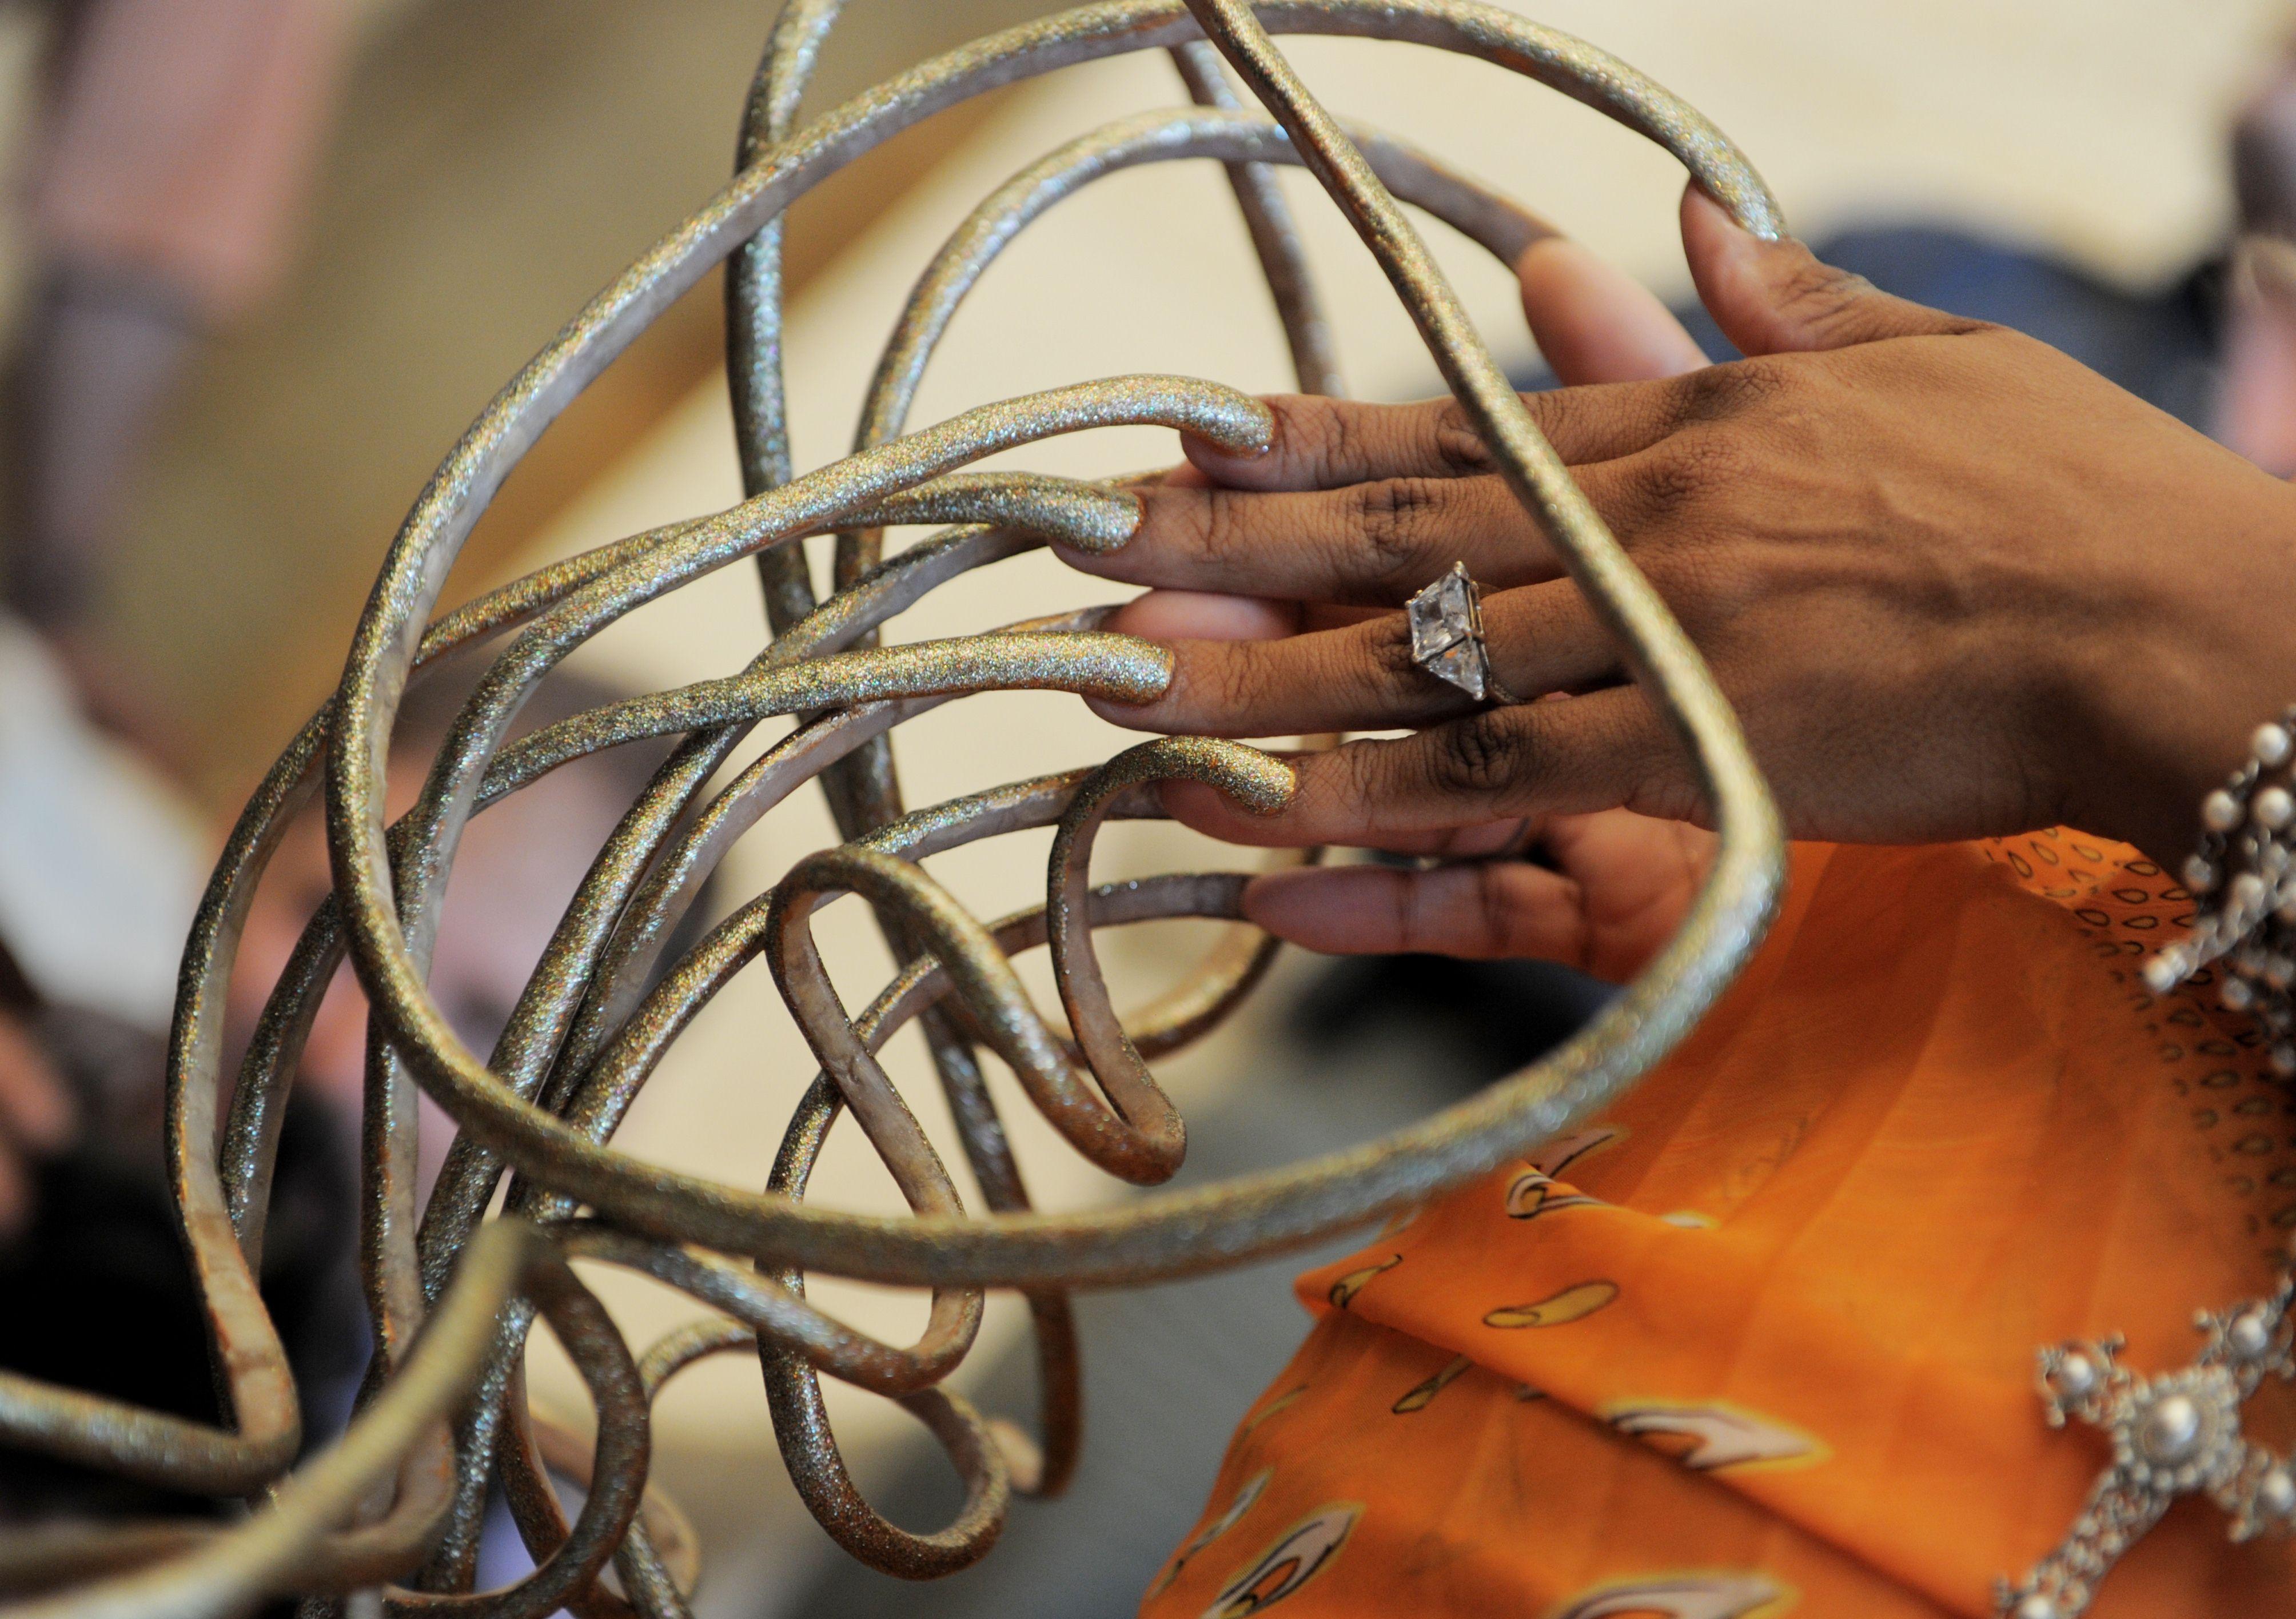 Смотреть самые длинные ногти в мире